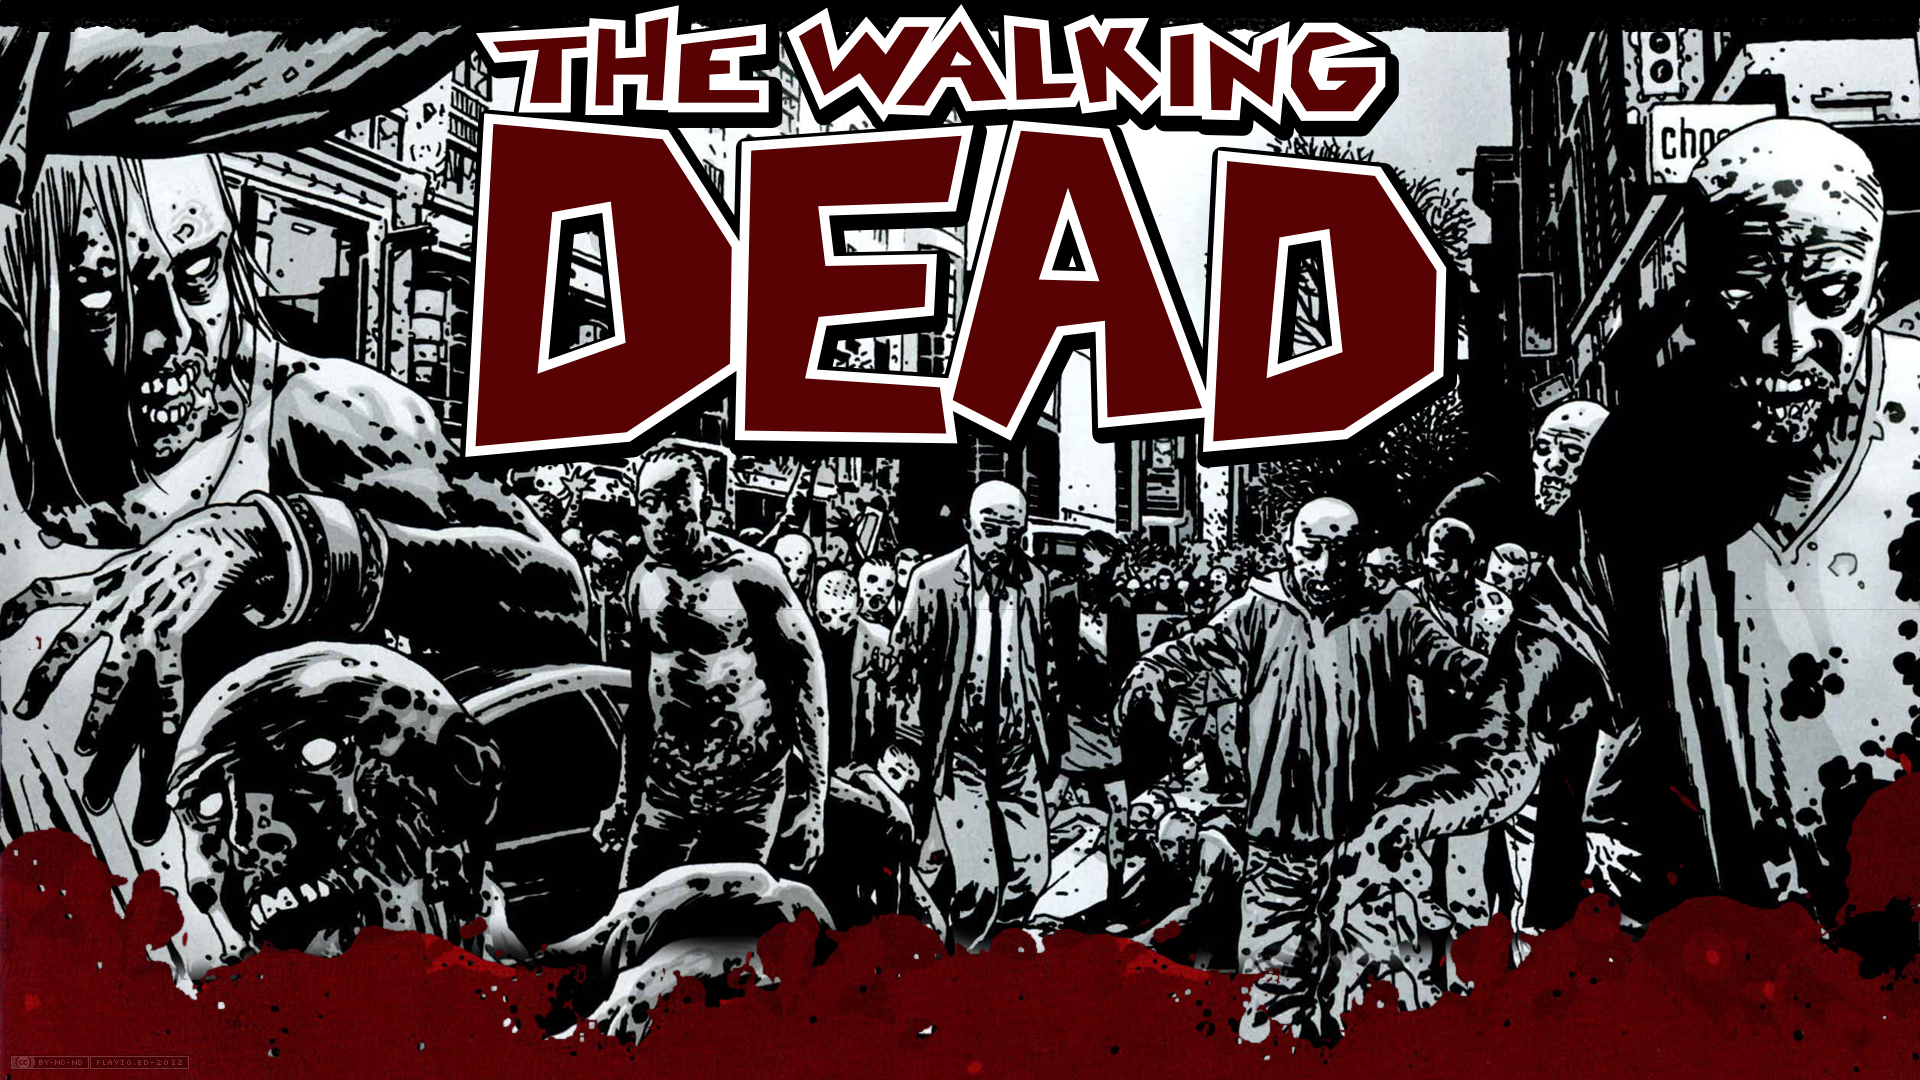 Walking Dead image-comics gs wallpaper   1920x1080 ...